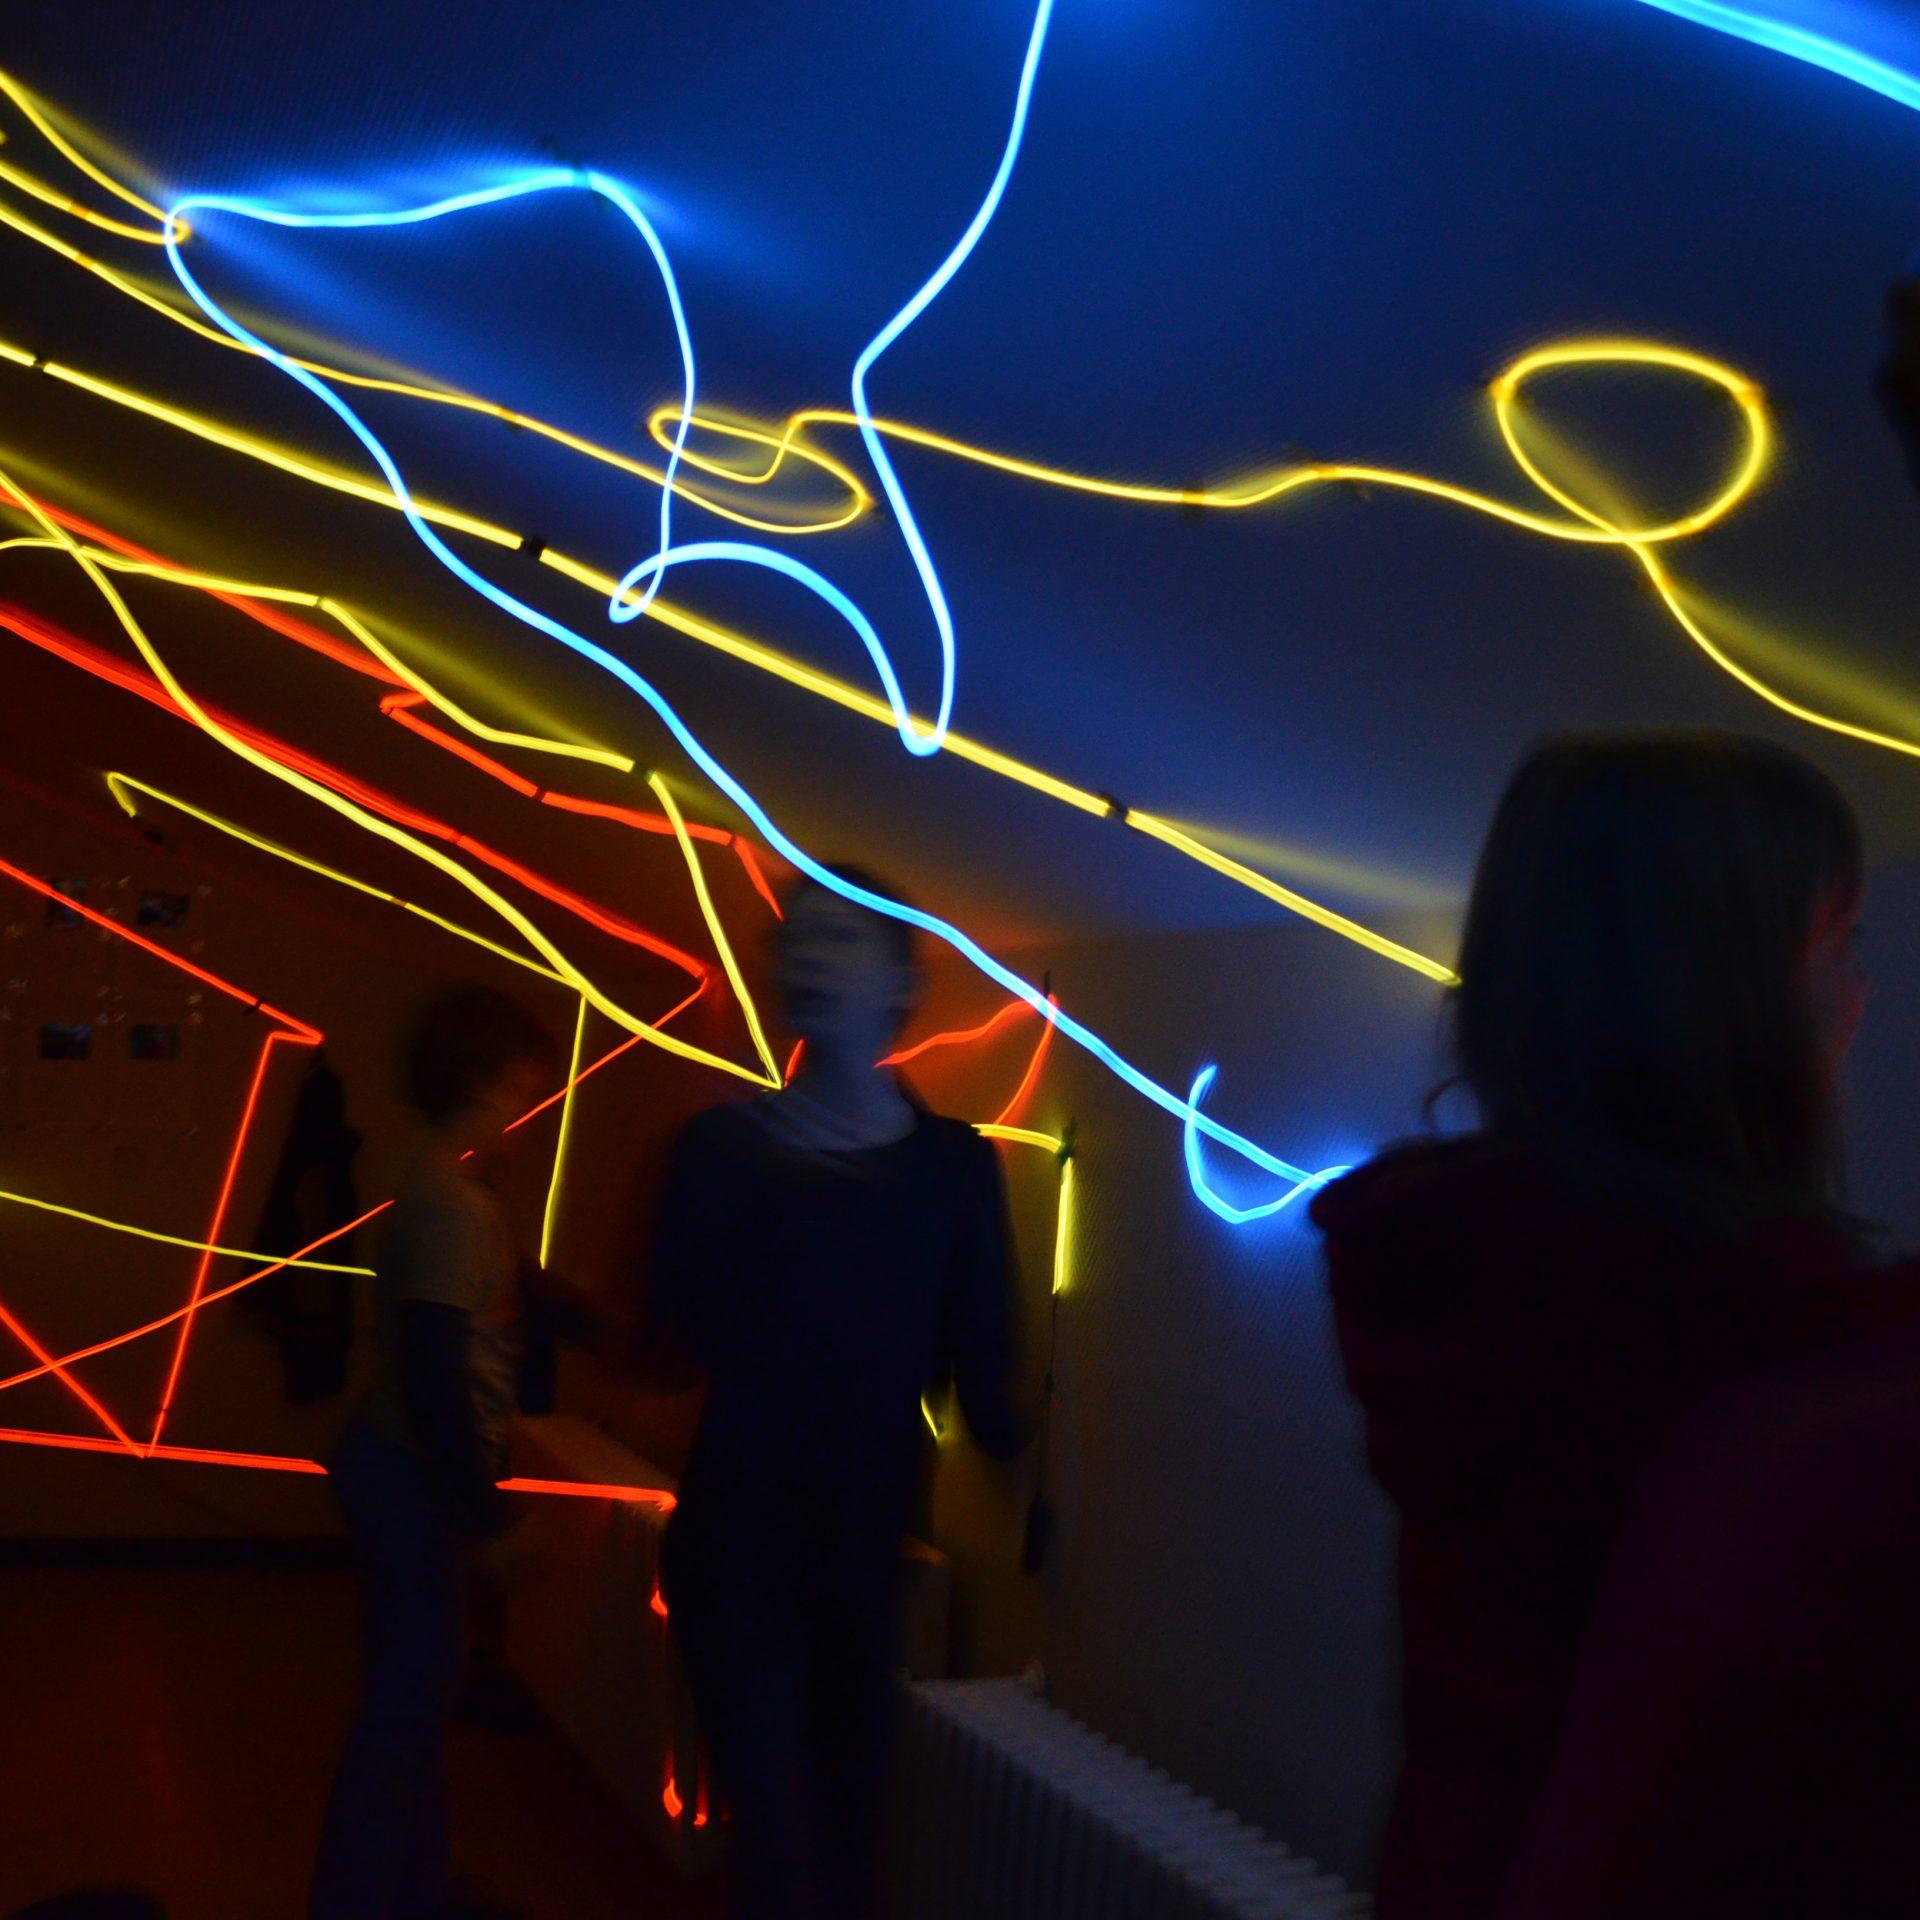 07-lichtwoche-LICHTKUNST-berlin-lpdm-thomas-wienands-architektur-innenarchitektur-KUNST